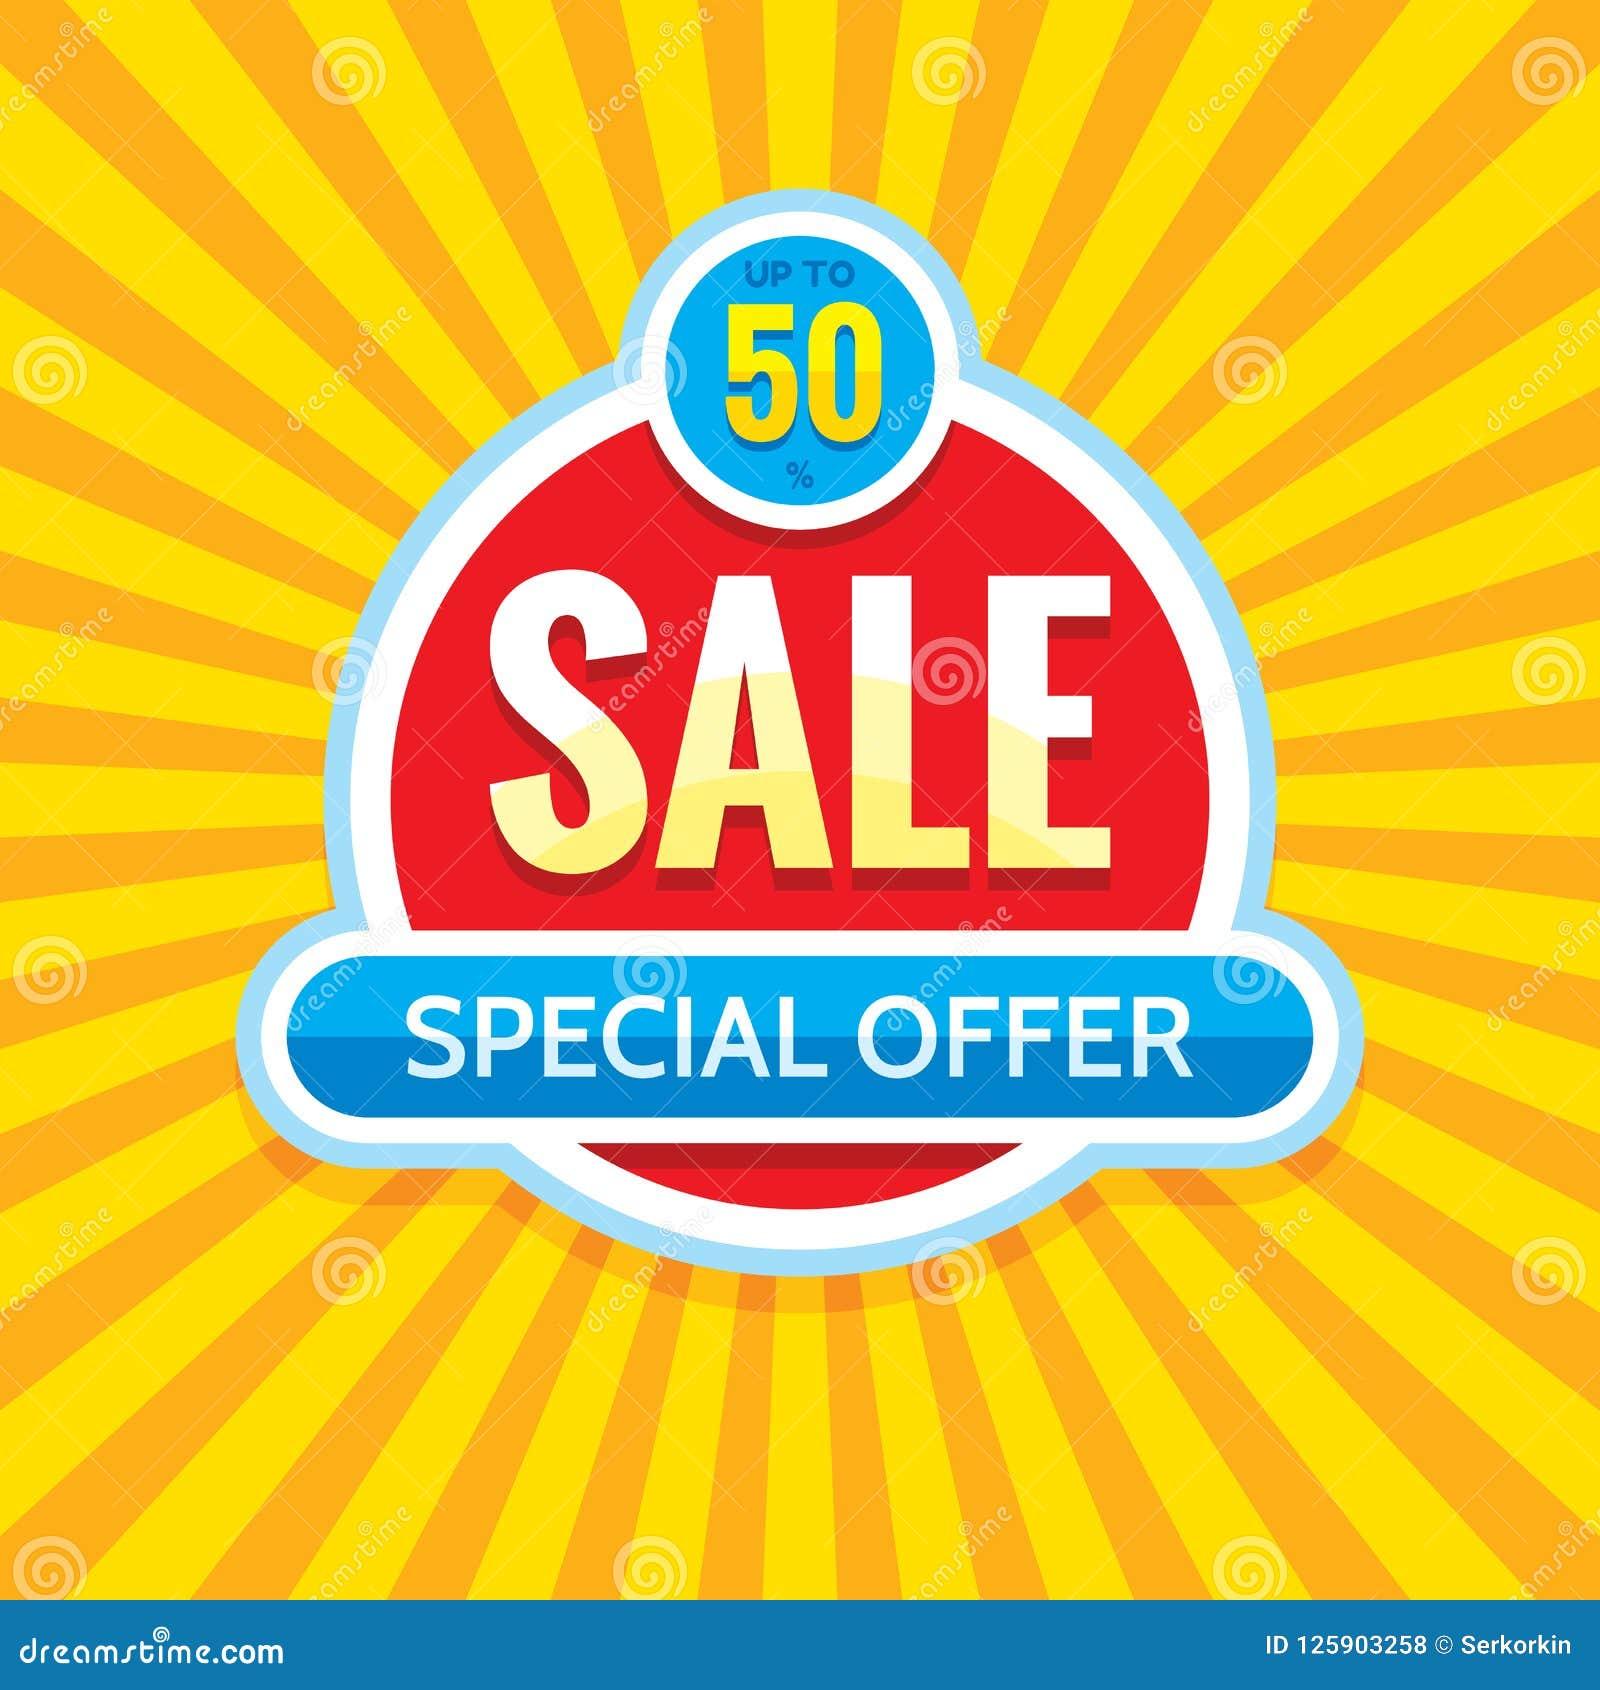 Sprzedaż - kreatywnie sztandaru wektoru ilustracja Abstrakcjonistyczny pojęcie rabata 50  promocyjny układ Specjalnej oferty majc